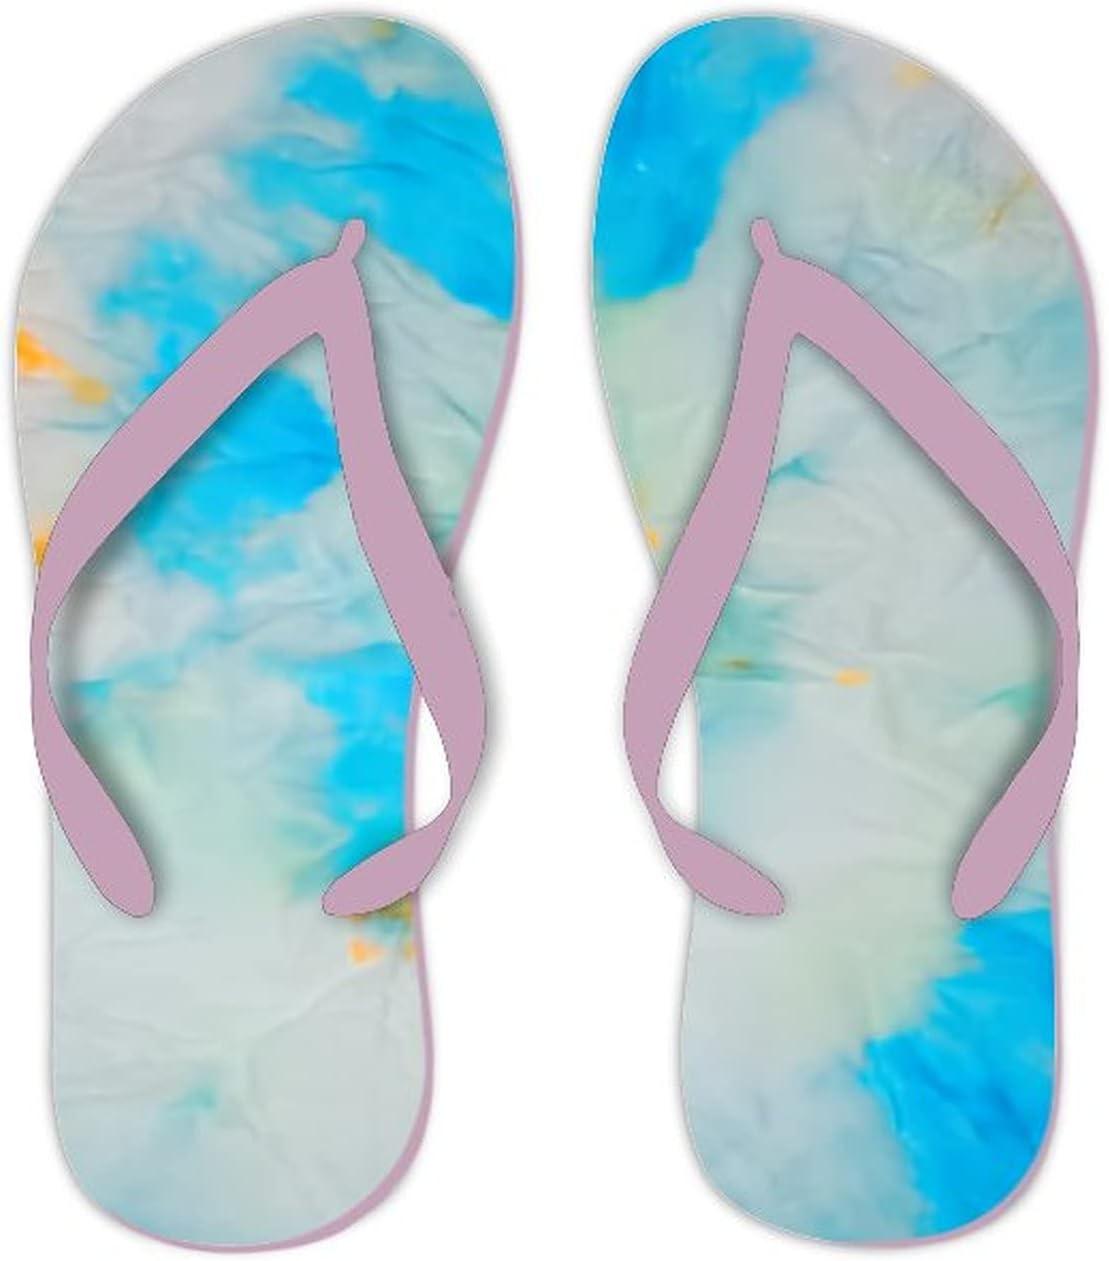 UTF4C Summer Flip Flops for Men Women White tie dye Watercolor Soft Lightweight Non Slip Sandals for Shower Beach Pool Bathroom Flat 10